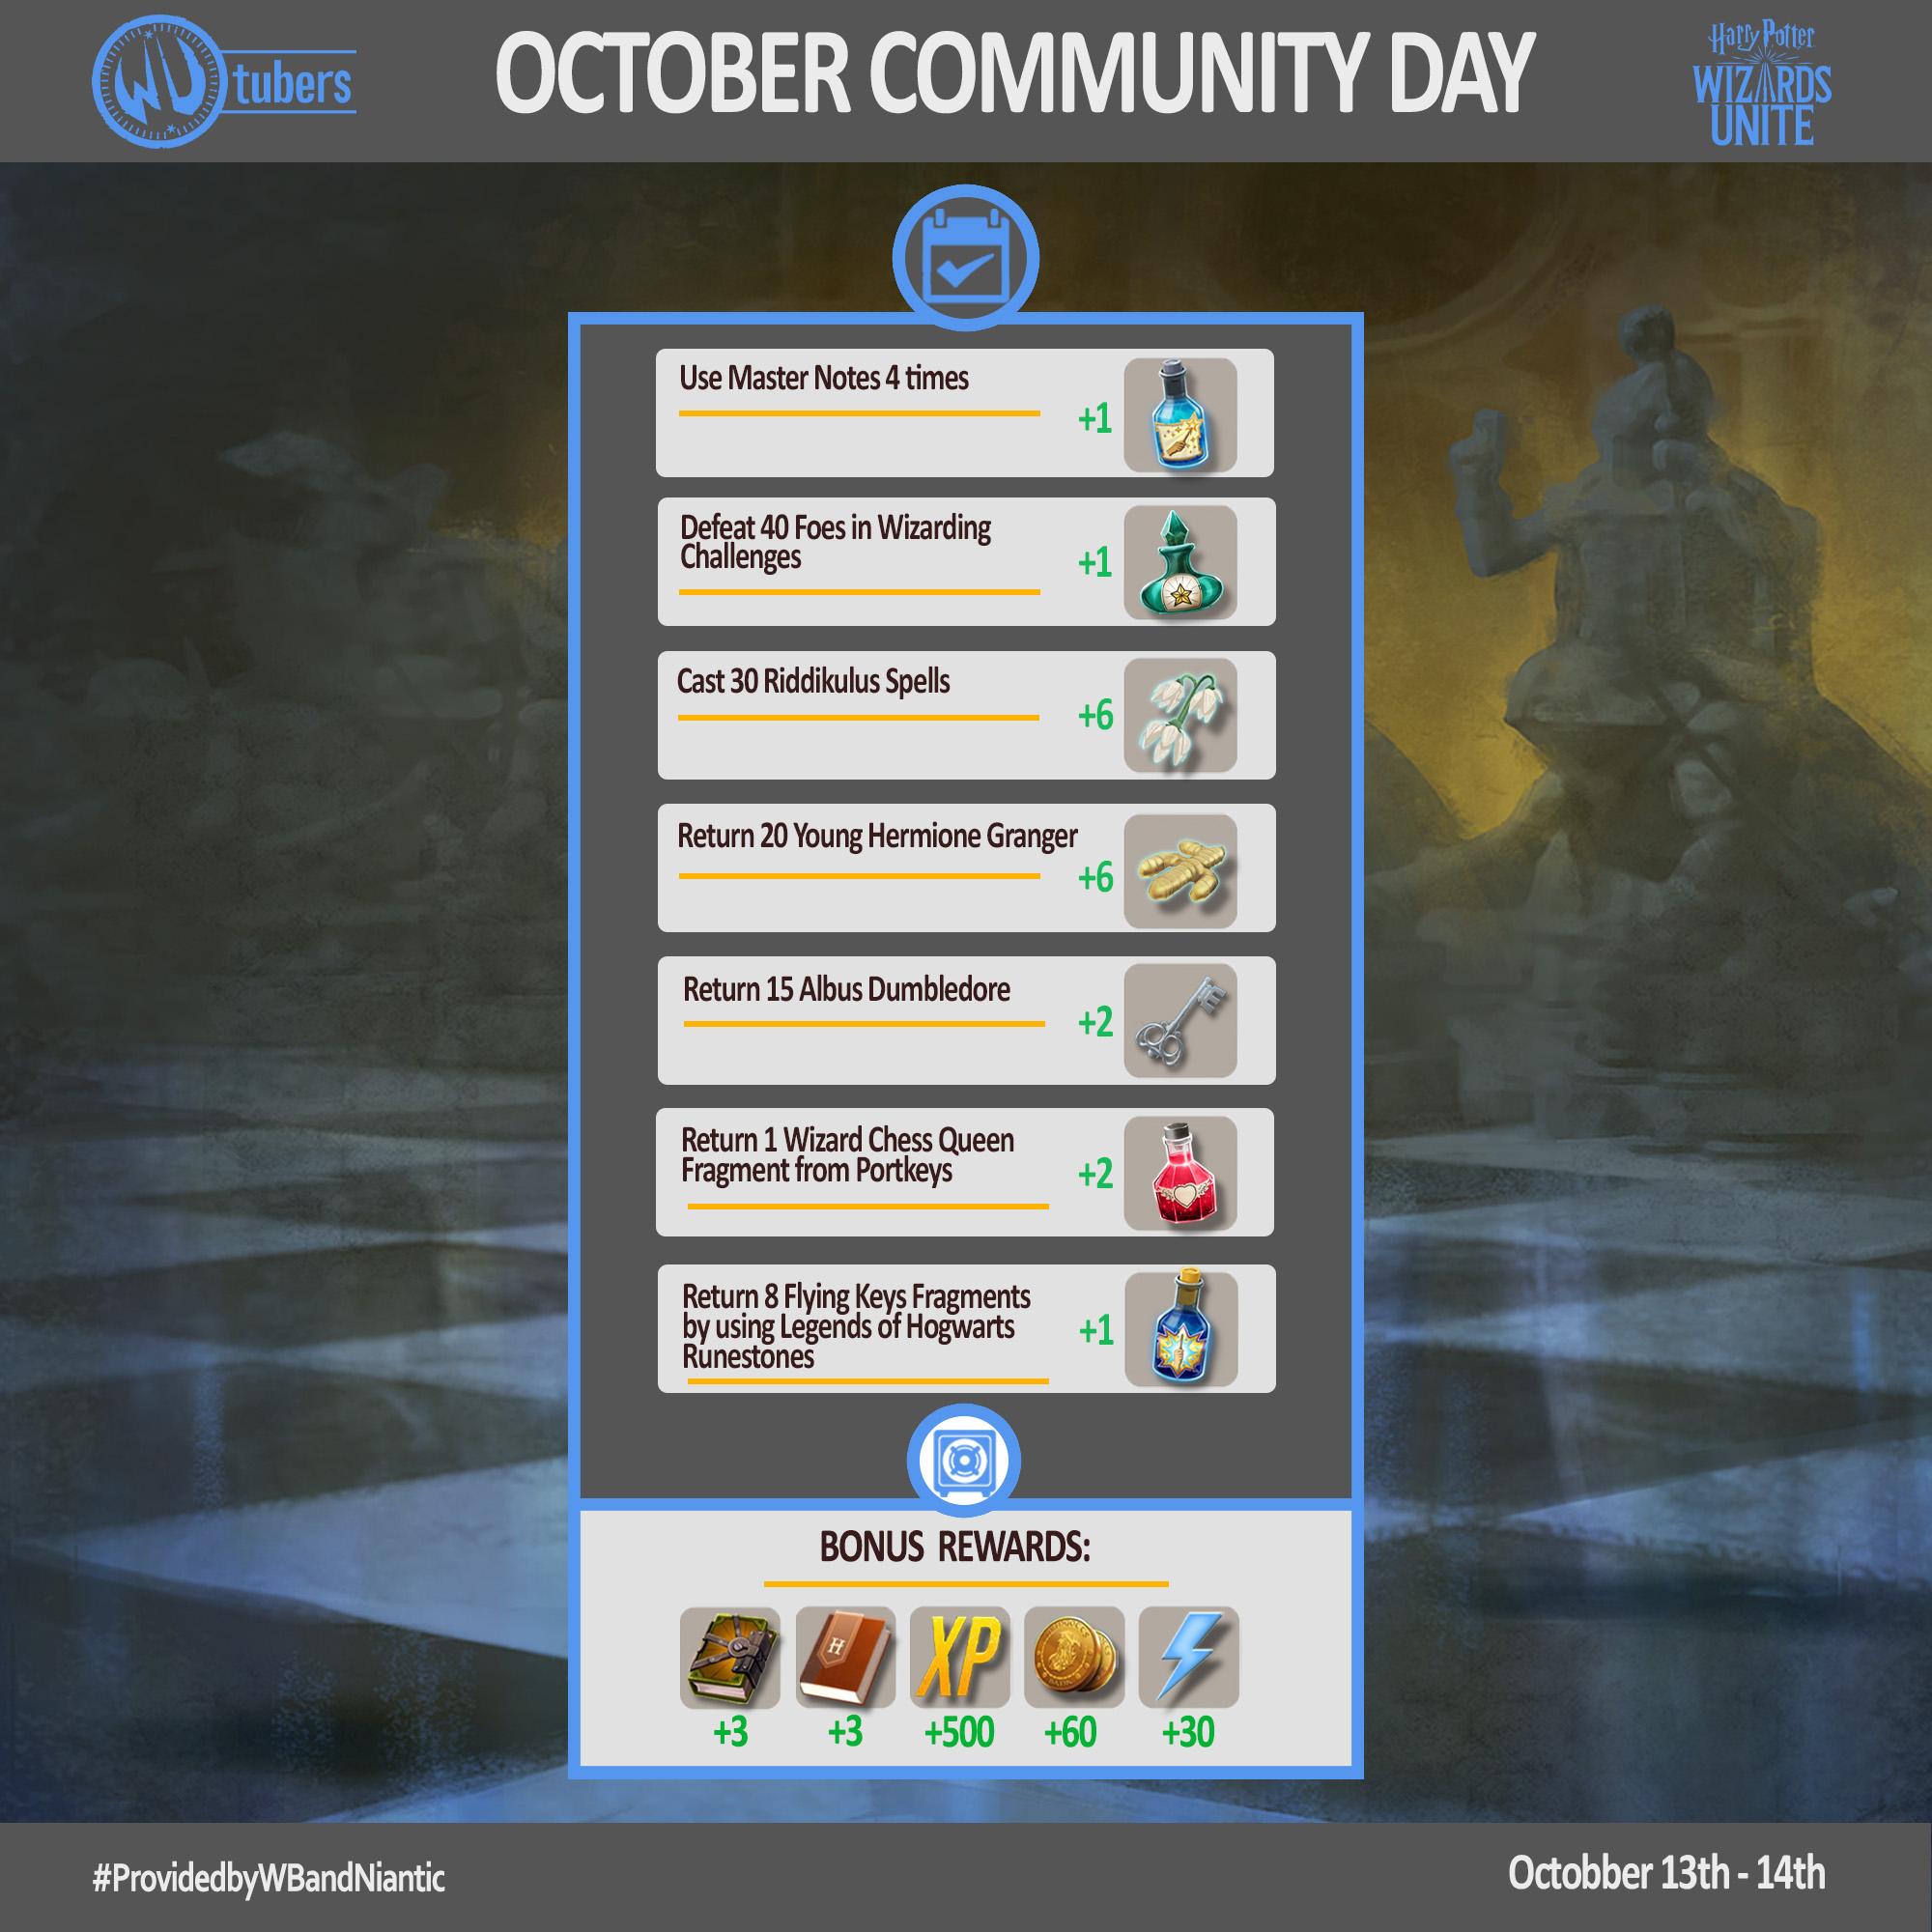 October_Community_Day_Tasks.jpg